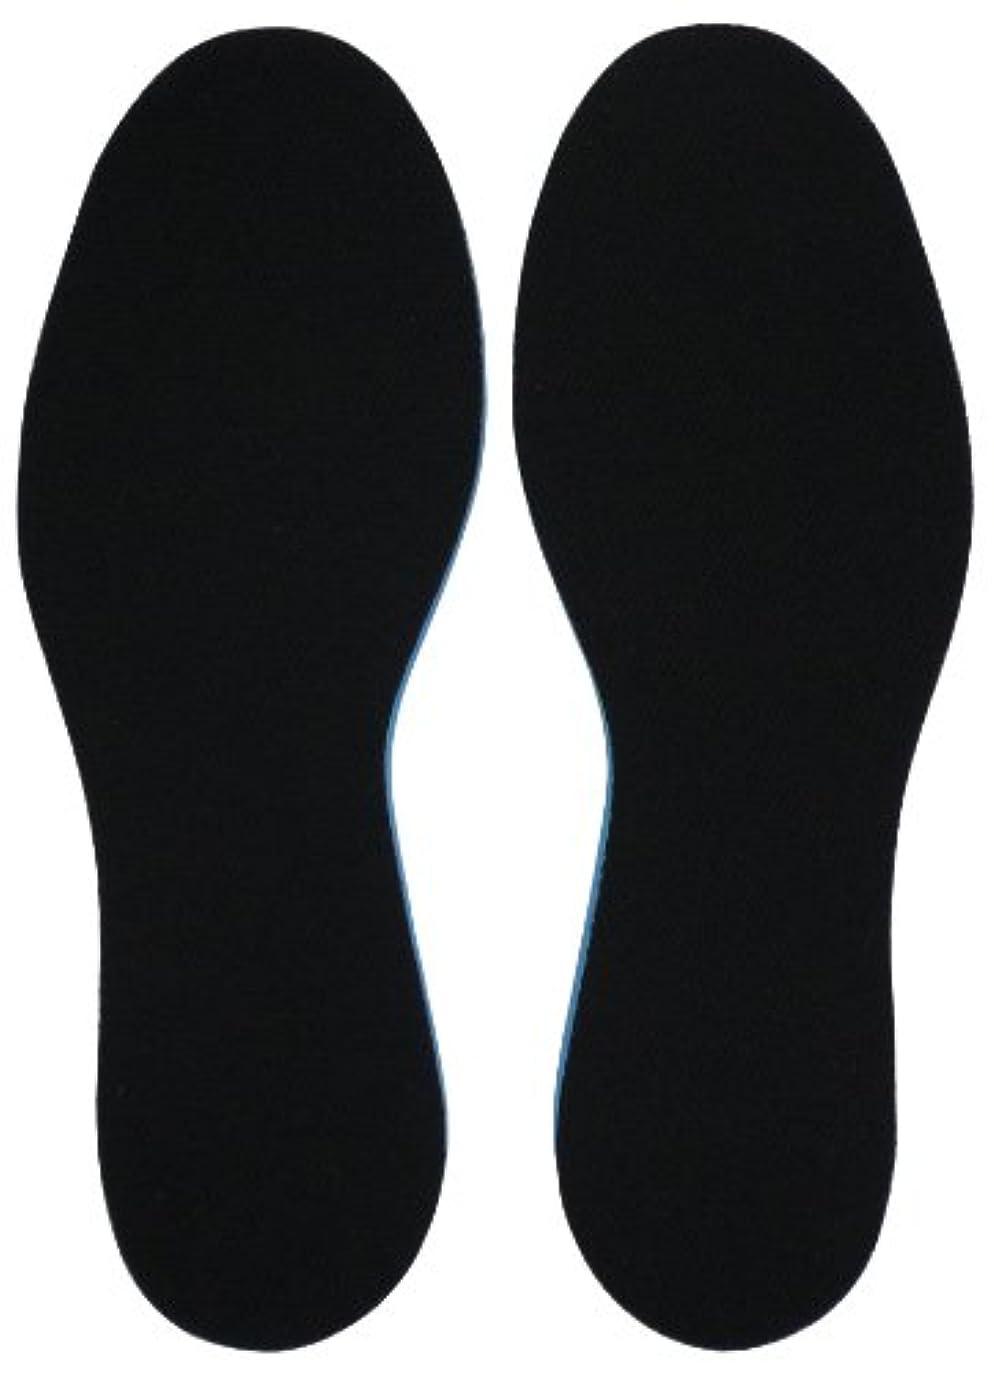 何故なのすごいチューインガムコロンブス MEGA厚サイズフィッターインソール 1足分(2枚入り) 男女兼用 フリーサイズ(22.0~28.0cm)